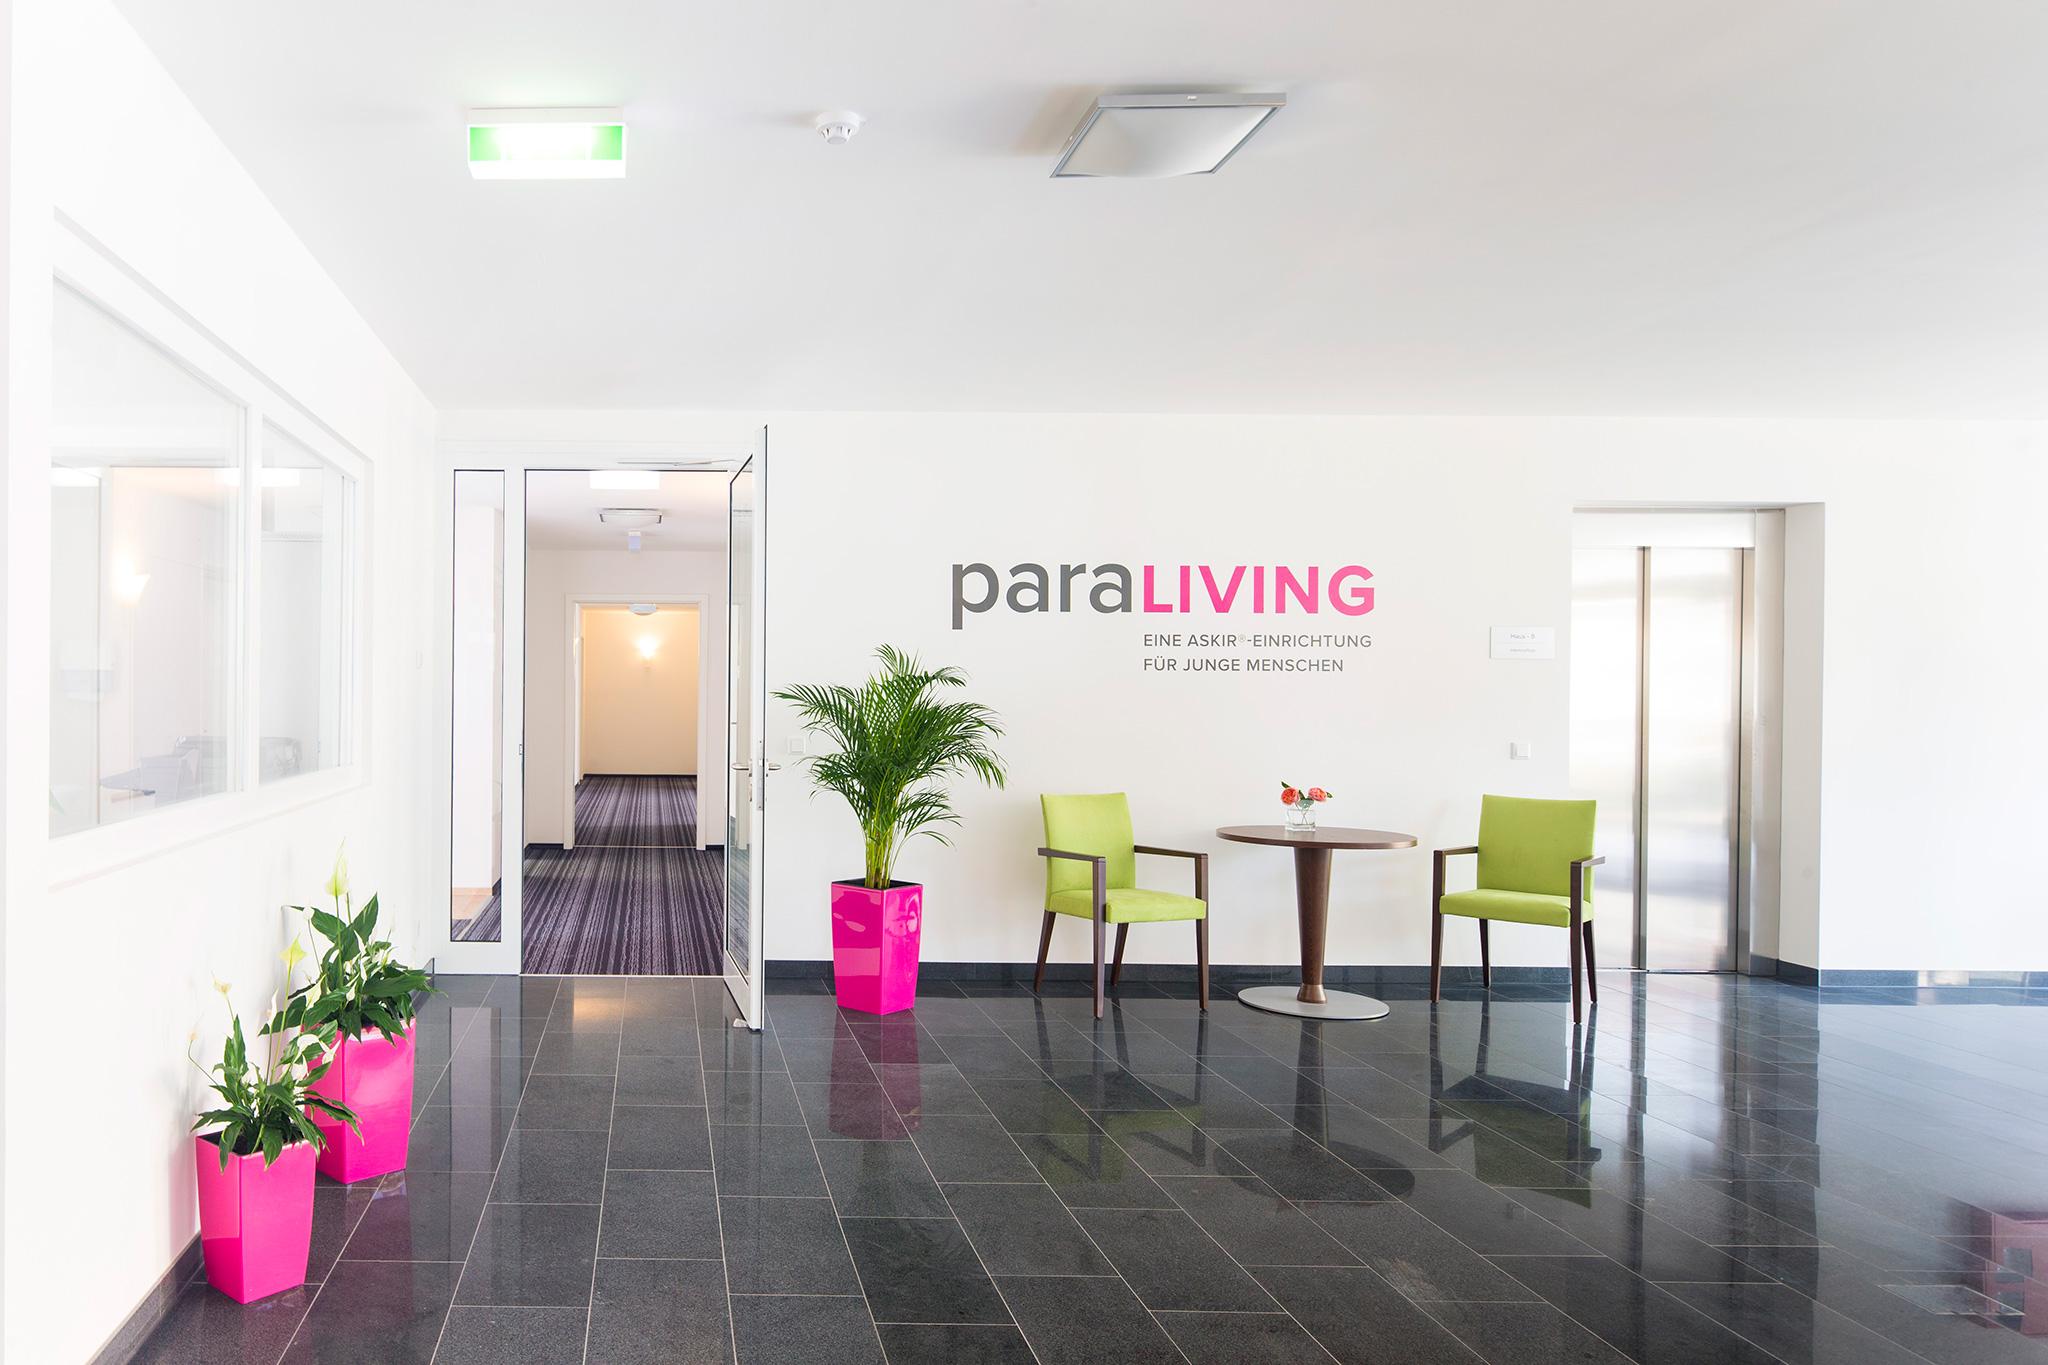 Eingangsbereich der Einrichtung für junge Menschen paraLiving